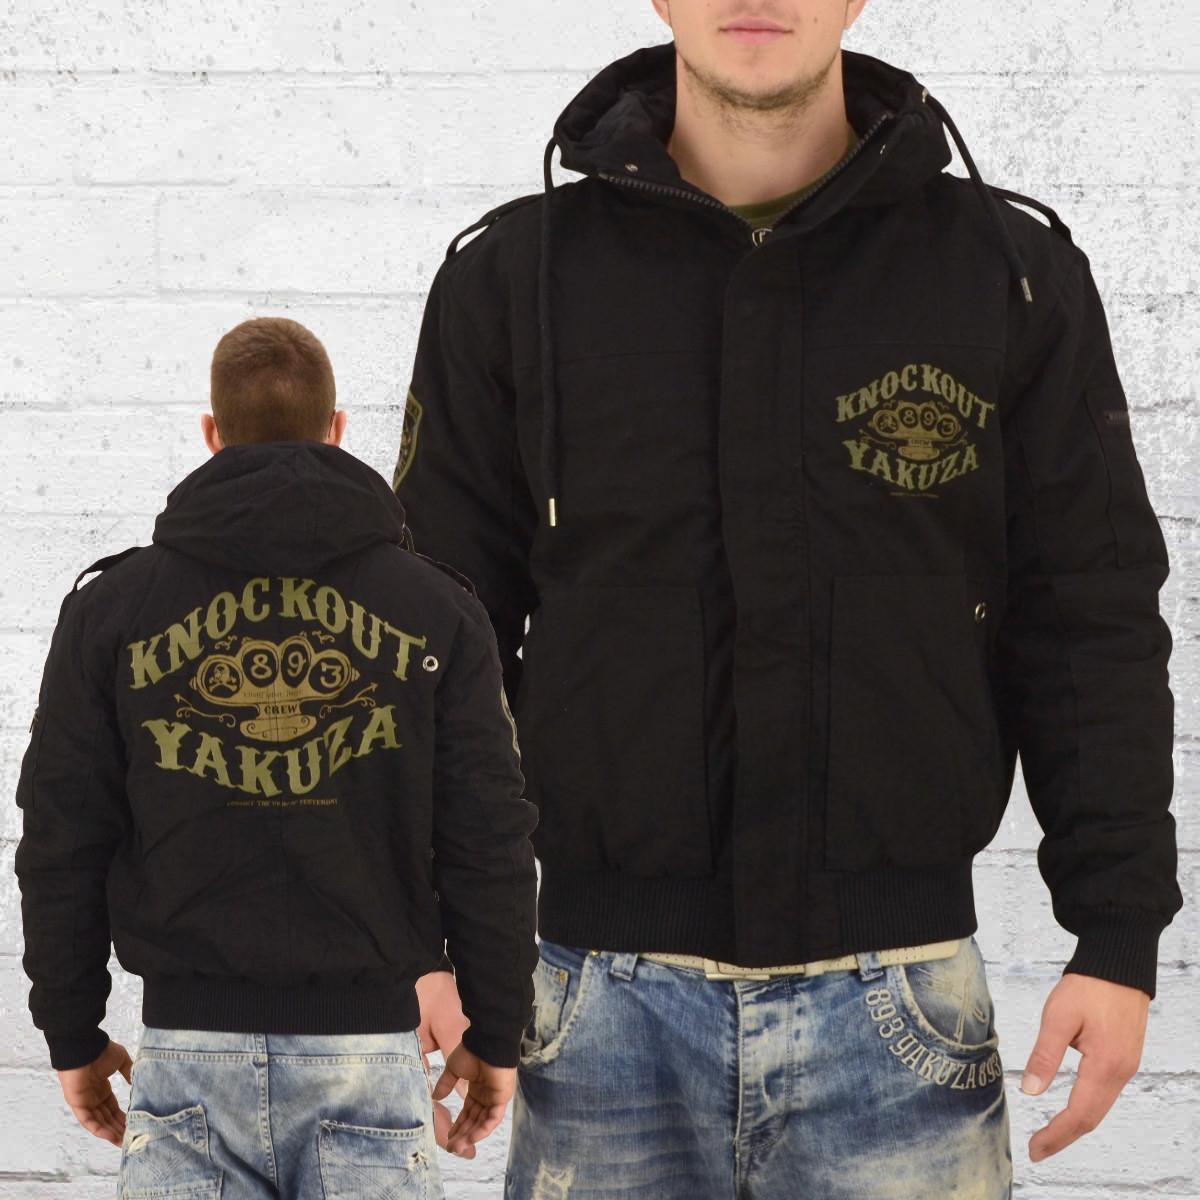 Yakuza Knockout Military Winter Jacke WJB 10048 schwarz